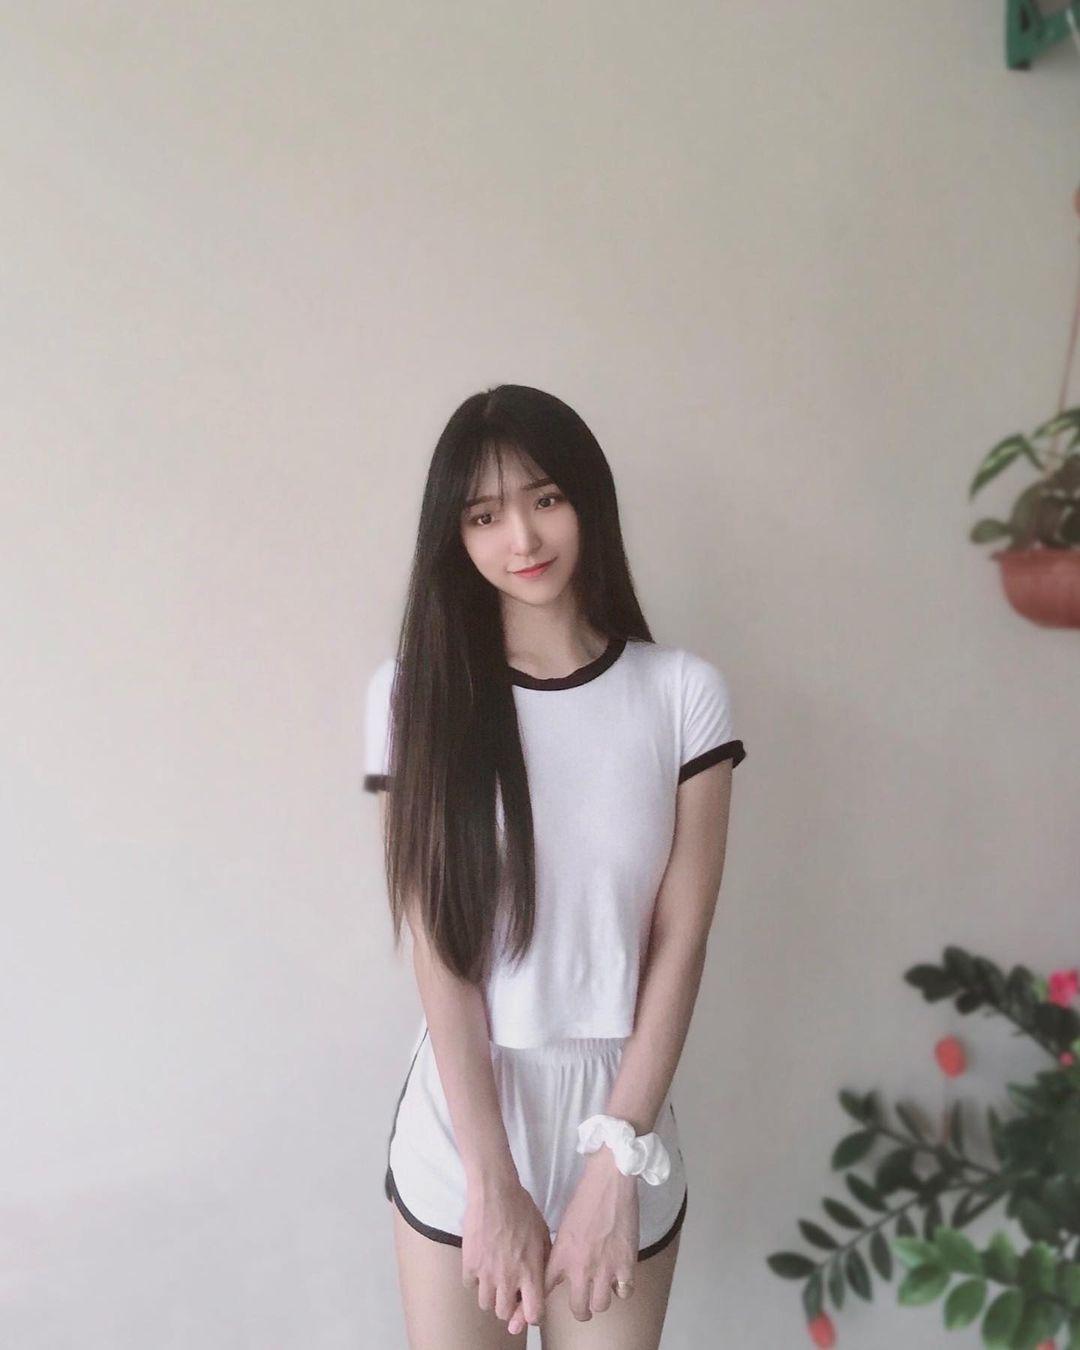 马来西亚砂拉越(Sarawak)正妹「Jing」,大长腿配真理裤十足的酷妹风-新图包